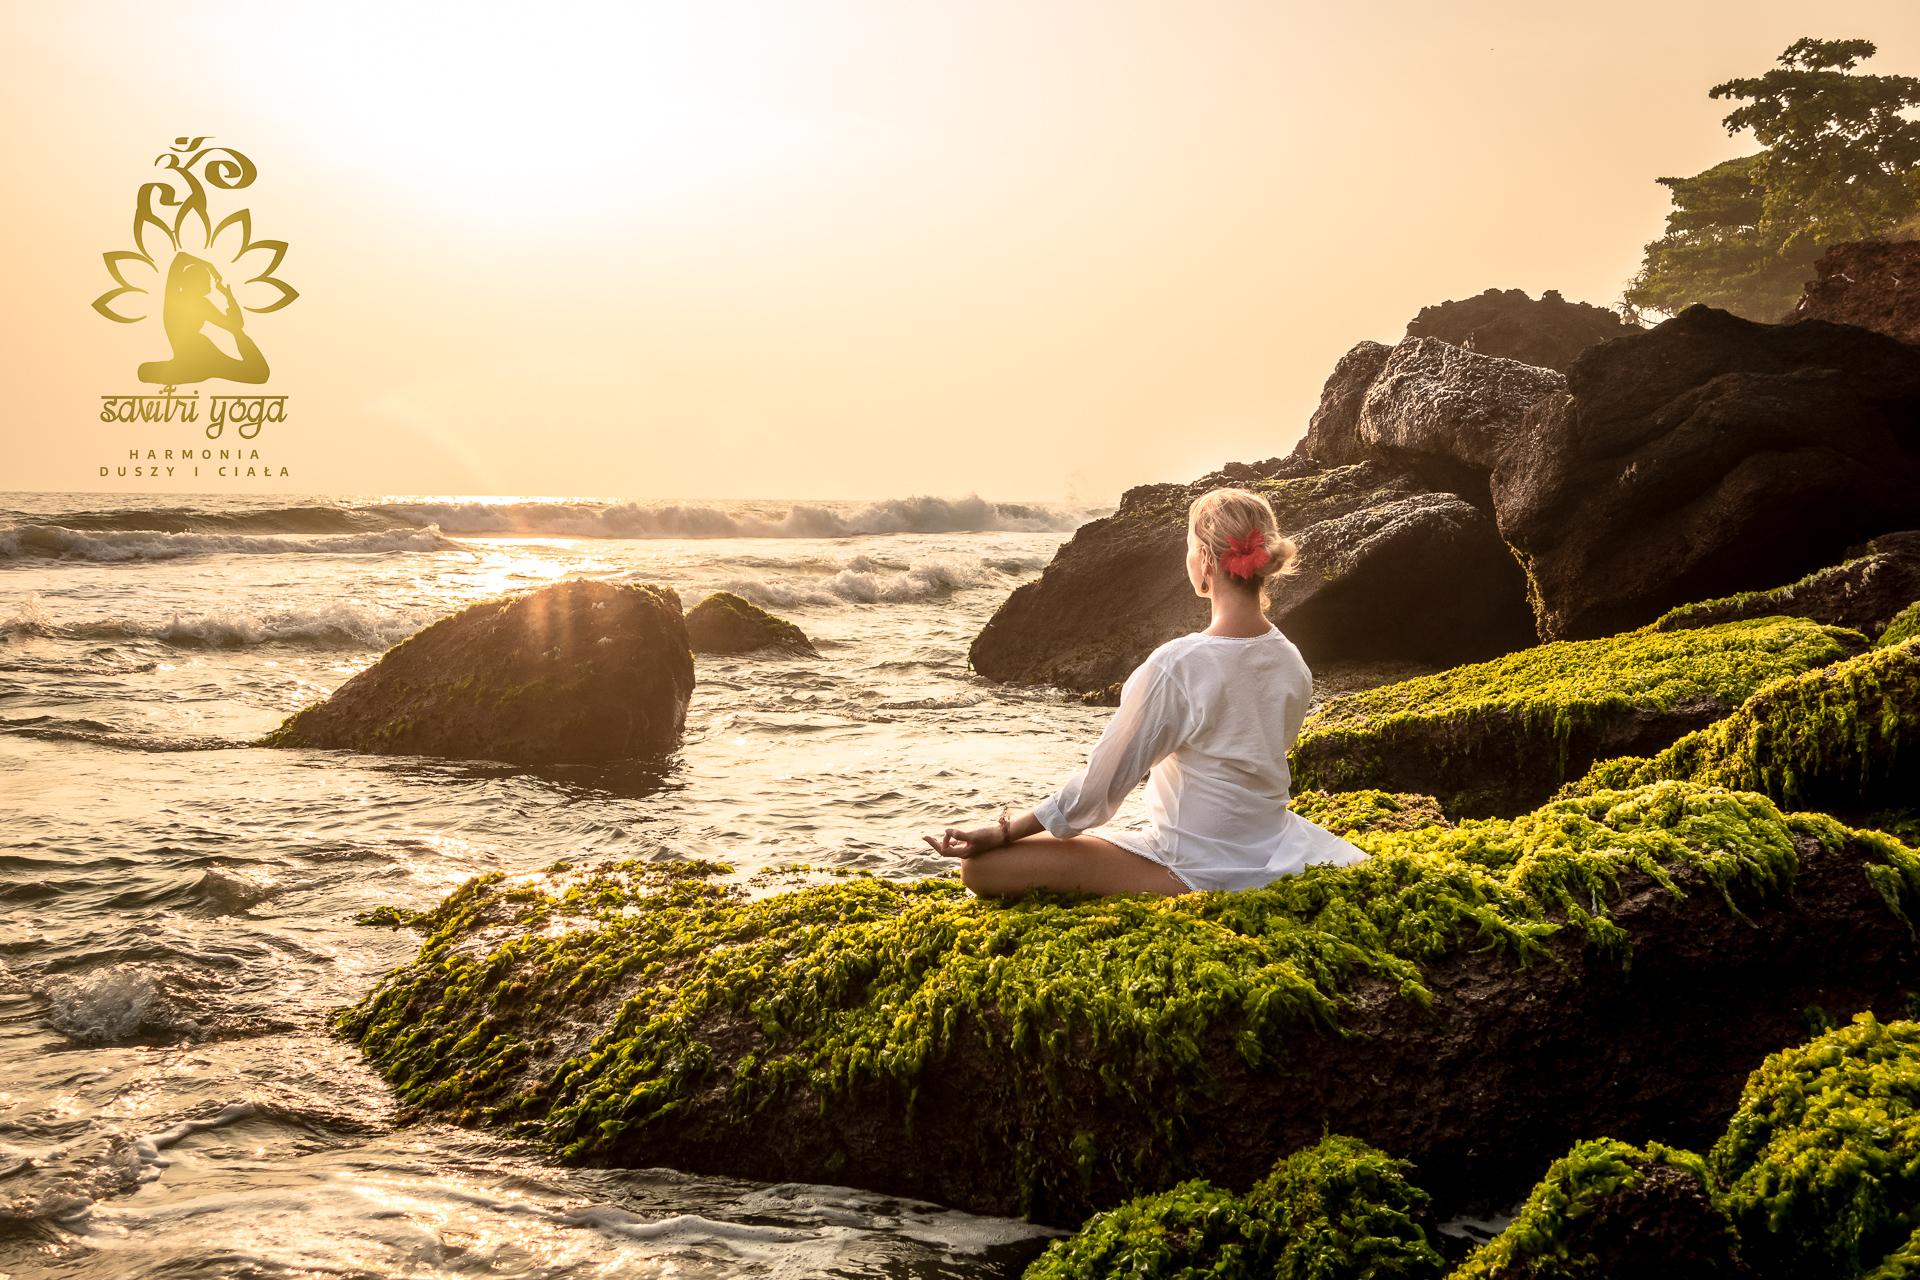 Savitri Yoga - Harmonia Duszy i Ciała